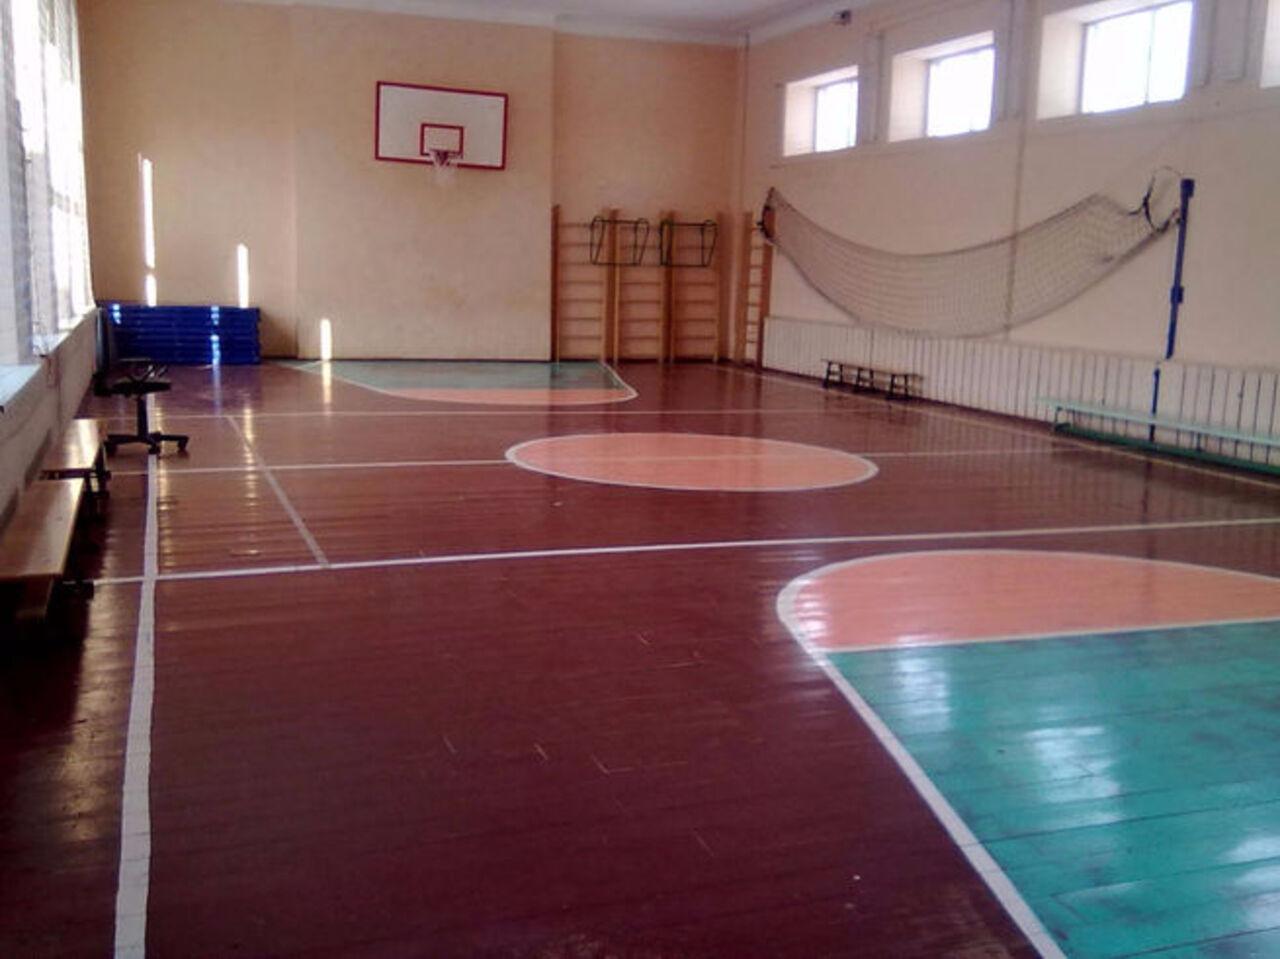 Науроке физкультуры школьник травмировал позвоночник в новейшей российской столице